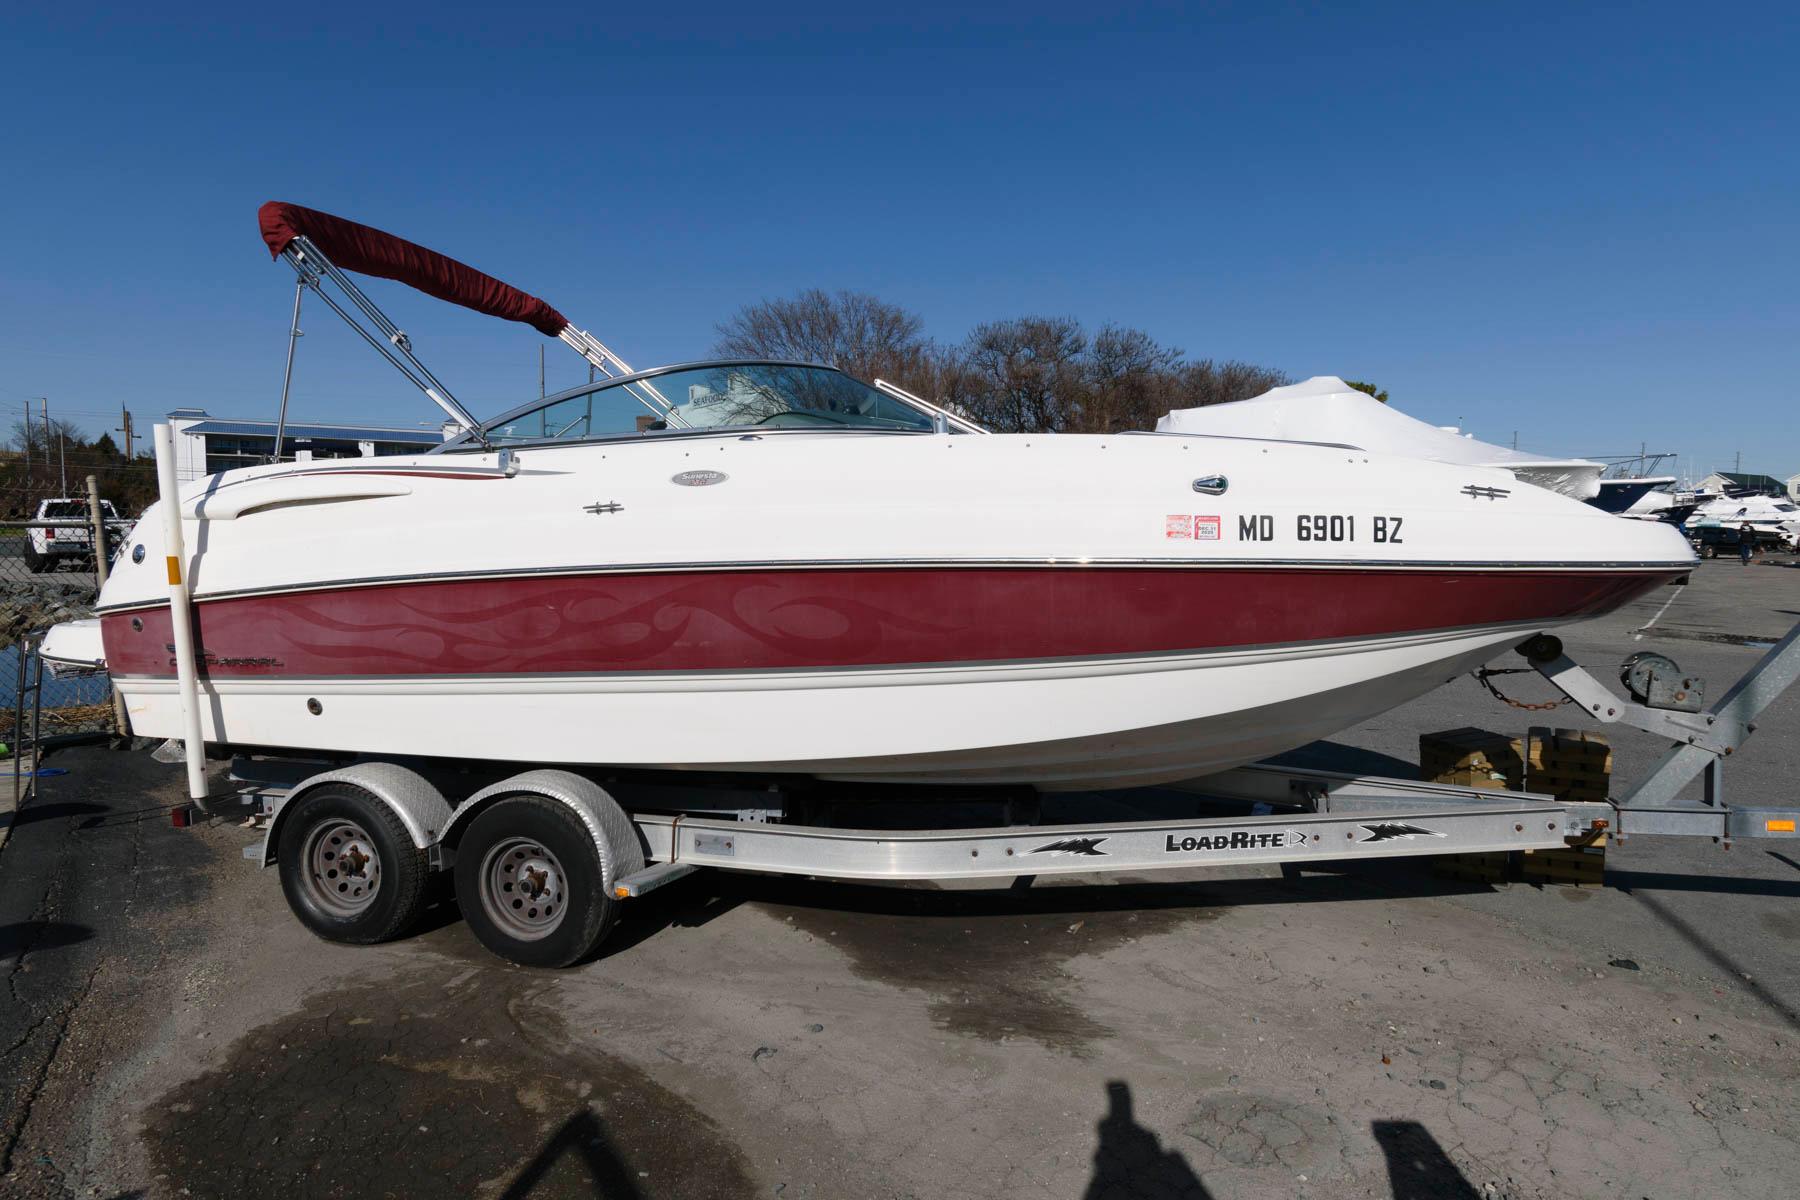 M 6041 TW Knot 10 Yacht Sales